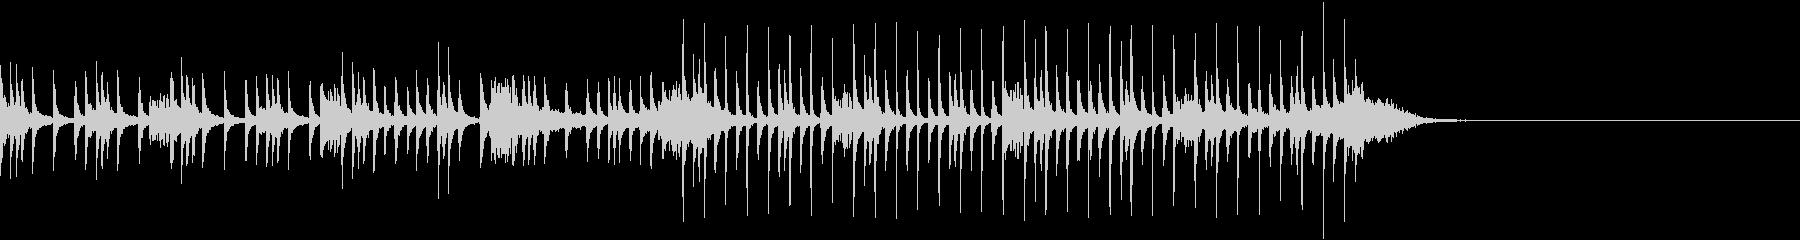 コミカルな打楽器中心の曲の未再生の波形